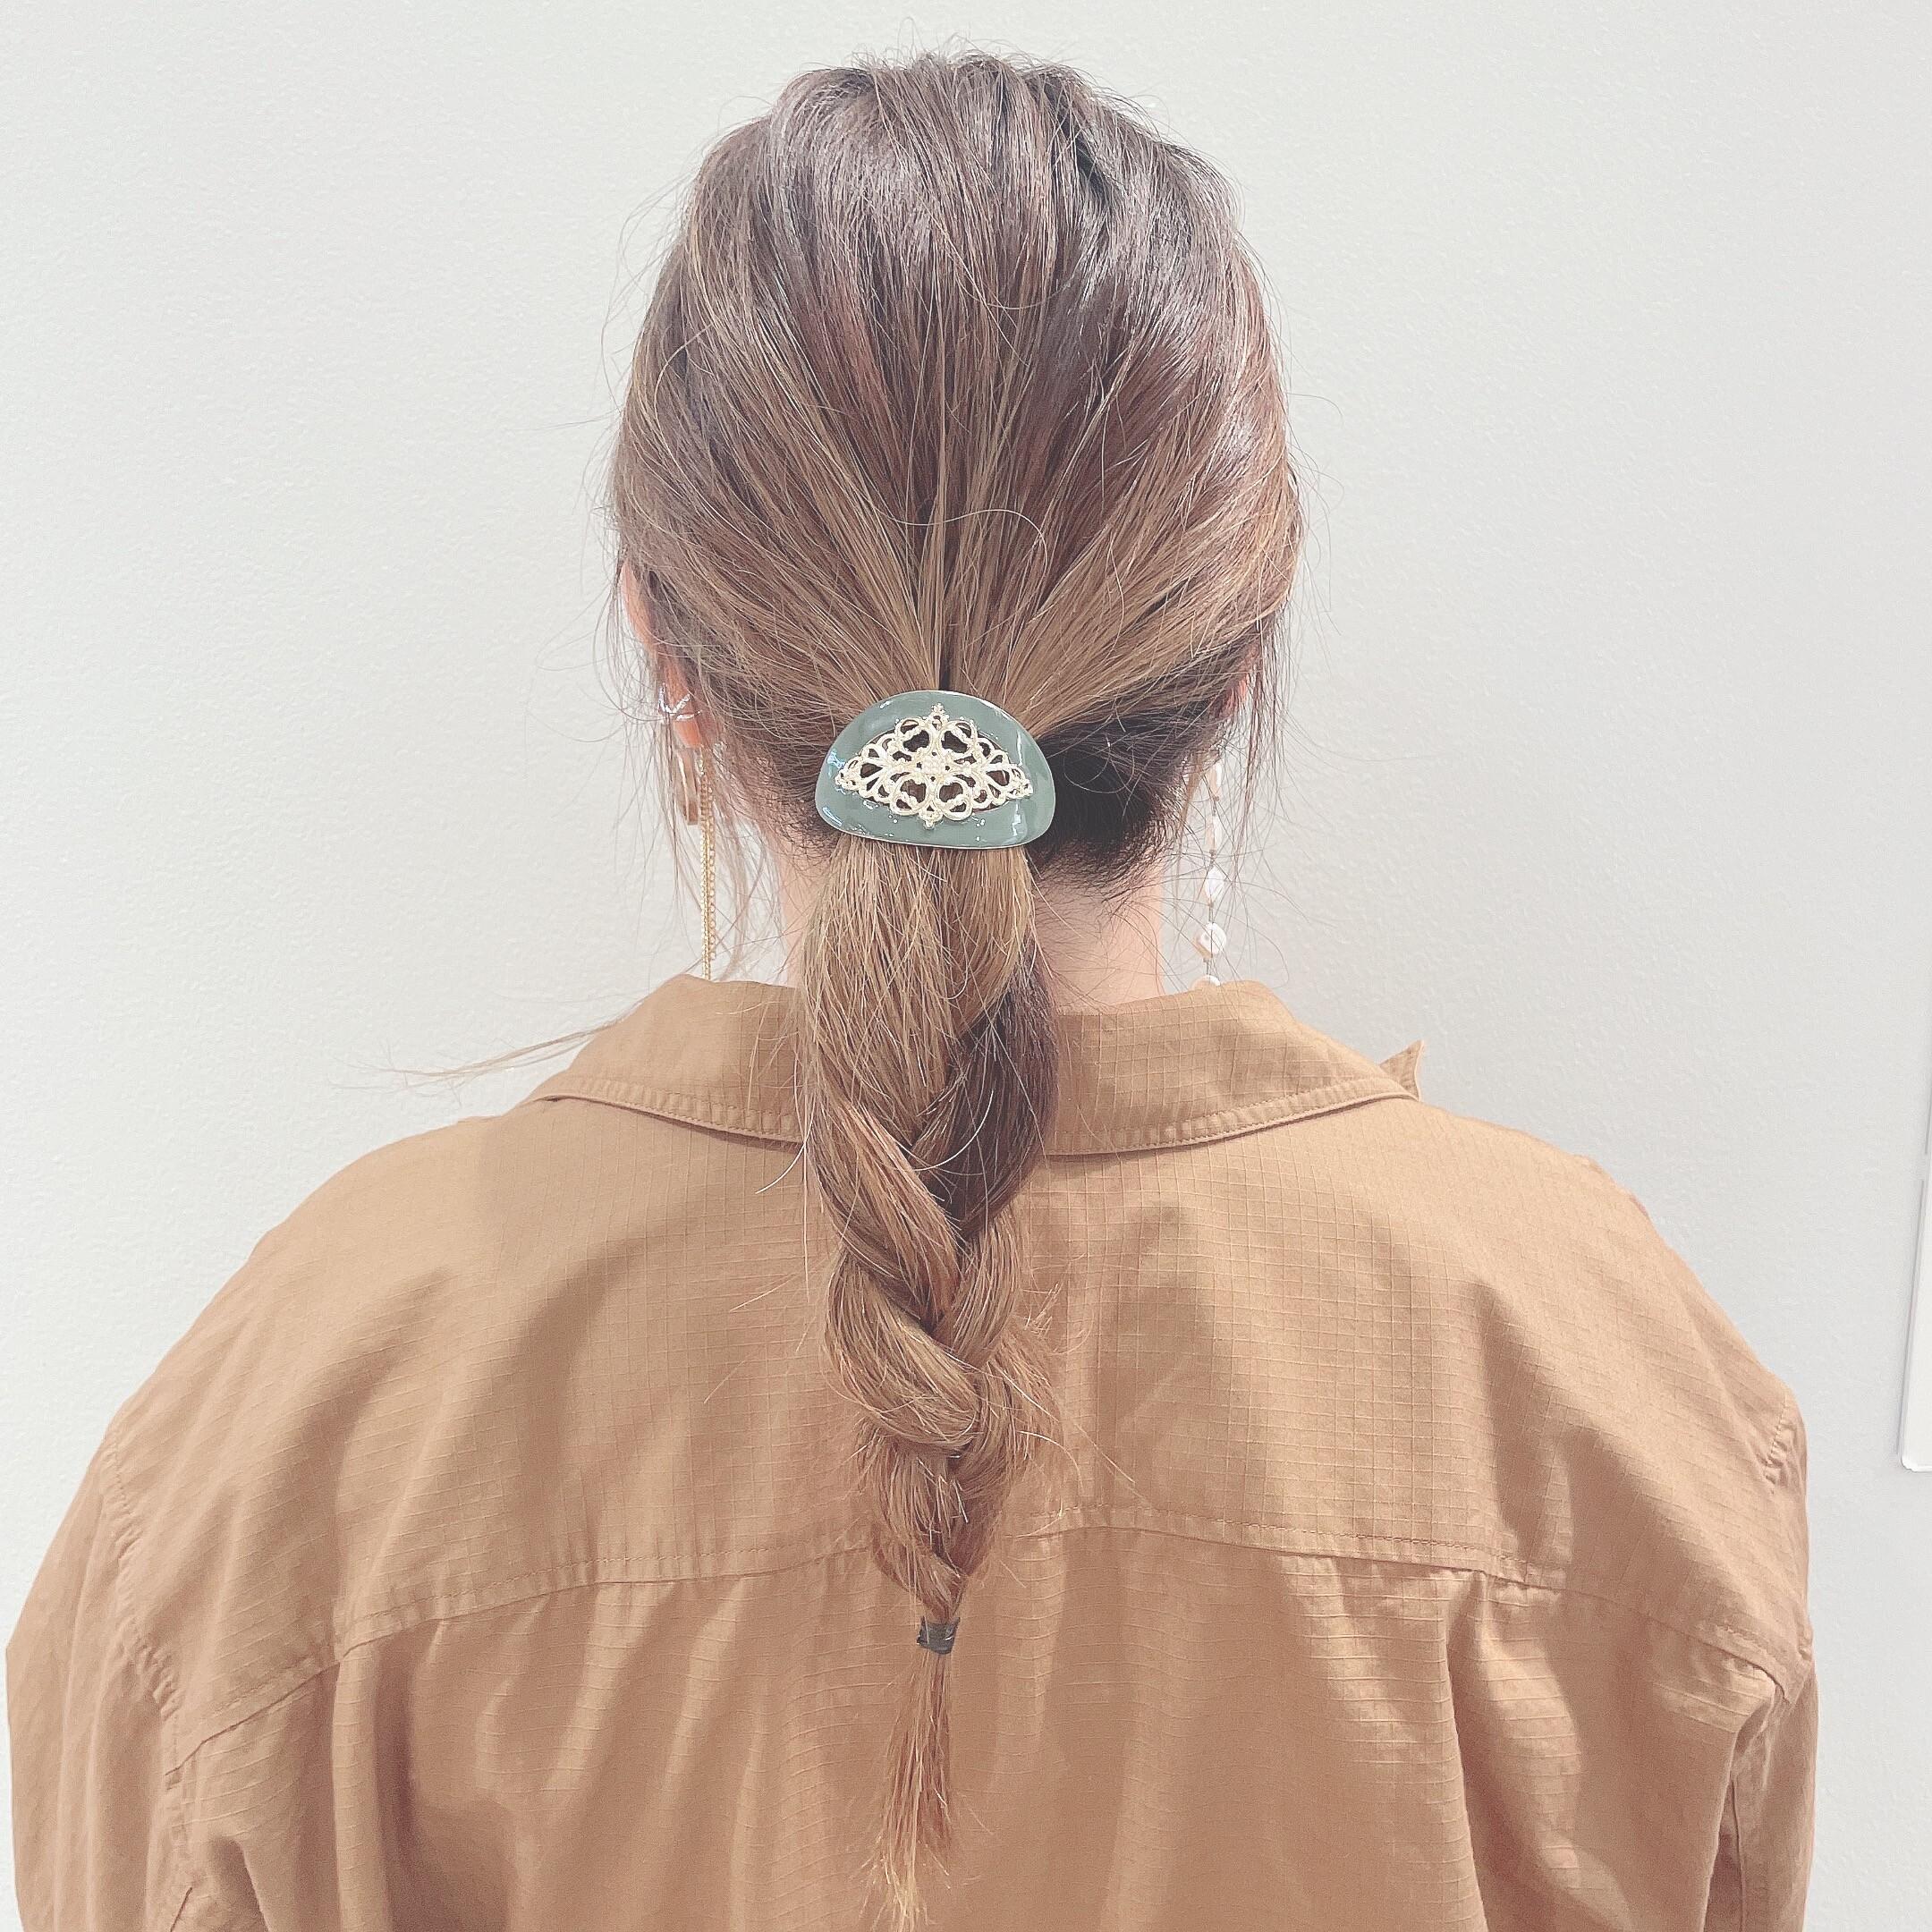 NEW Hair Cuffs ***